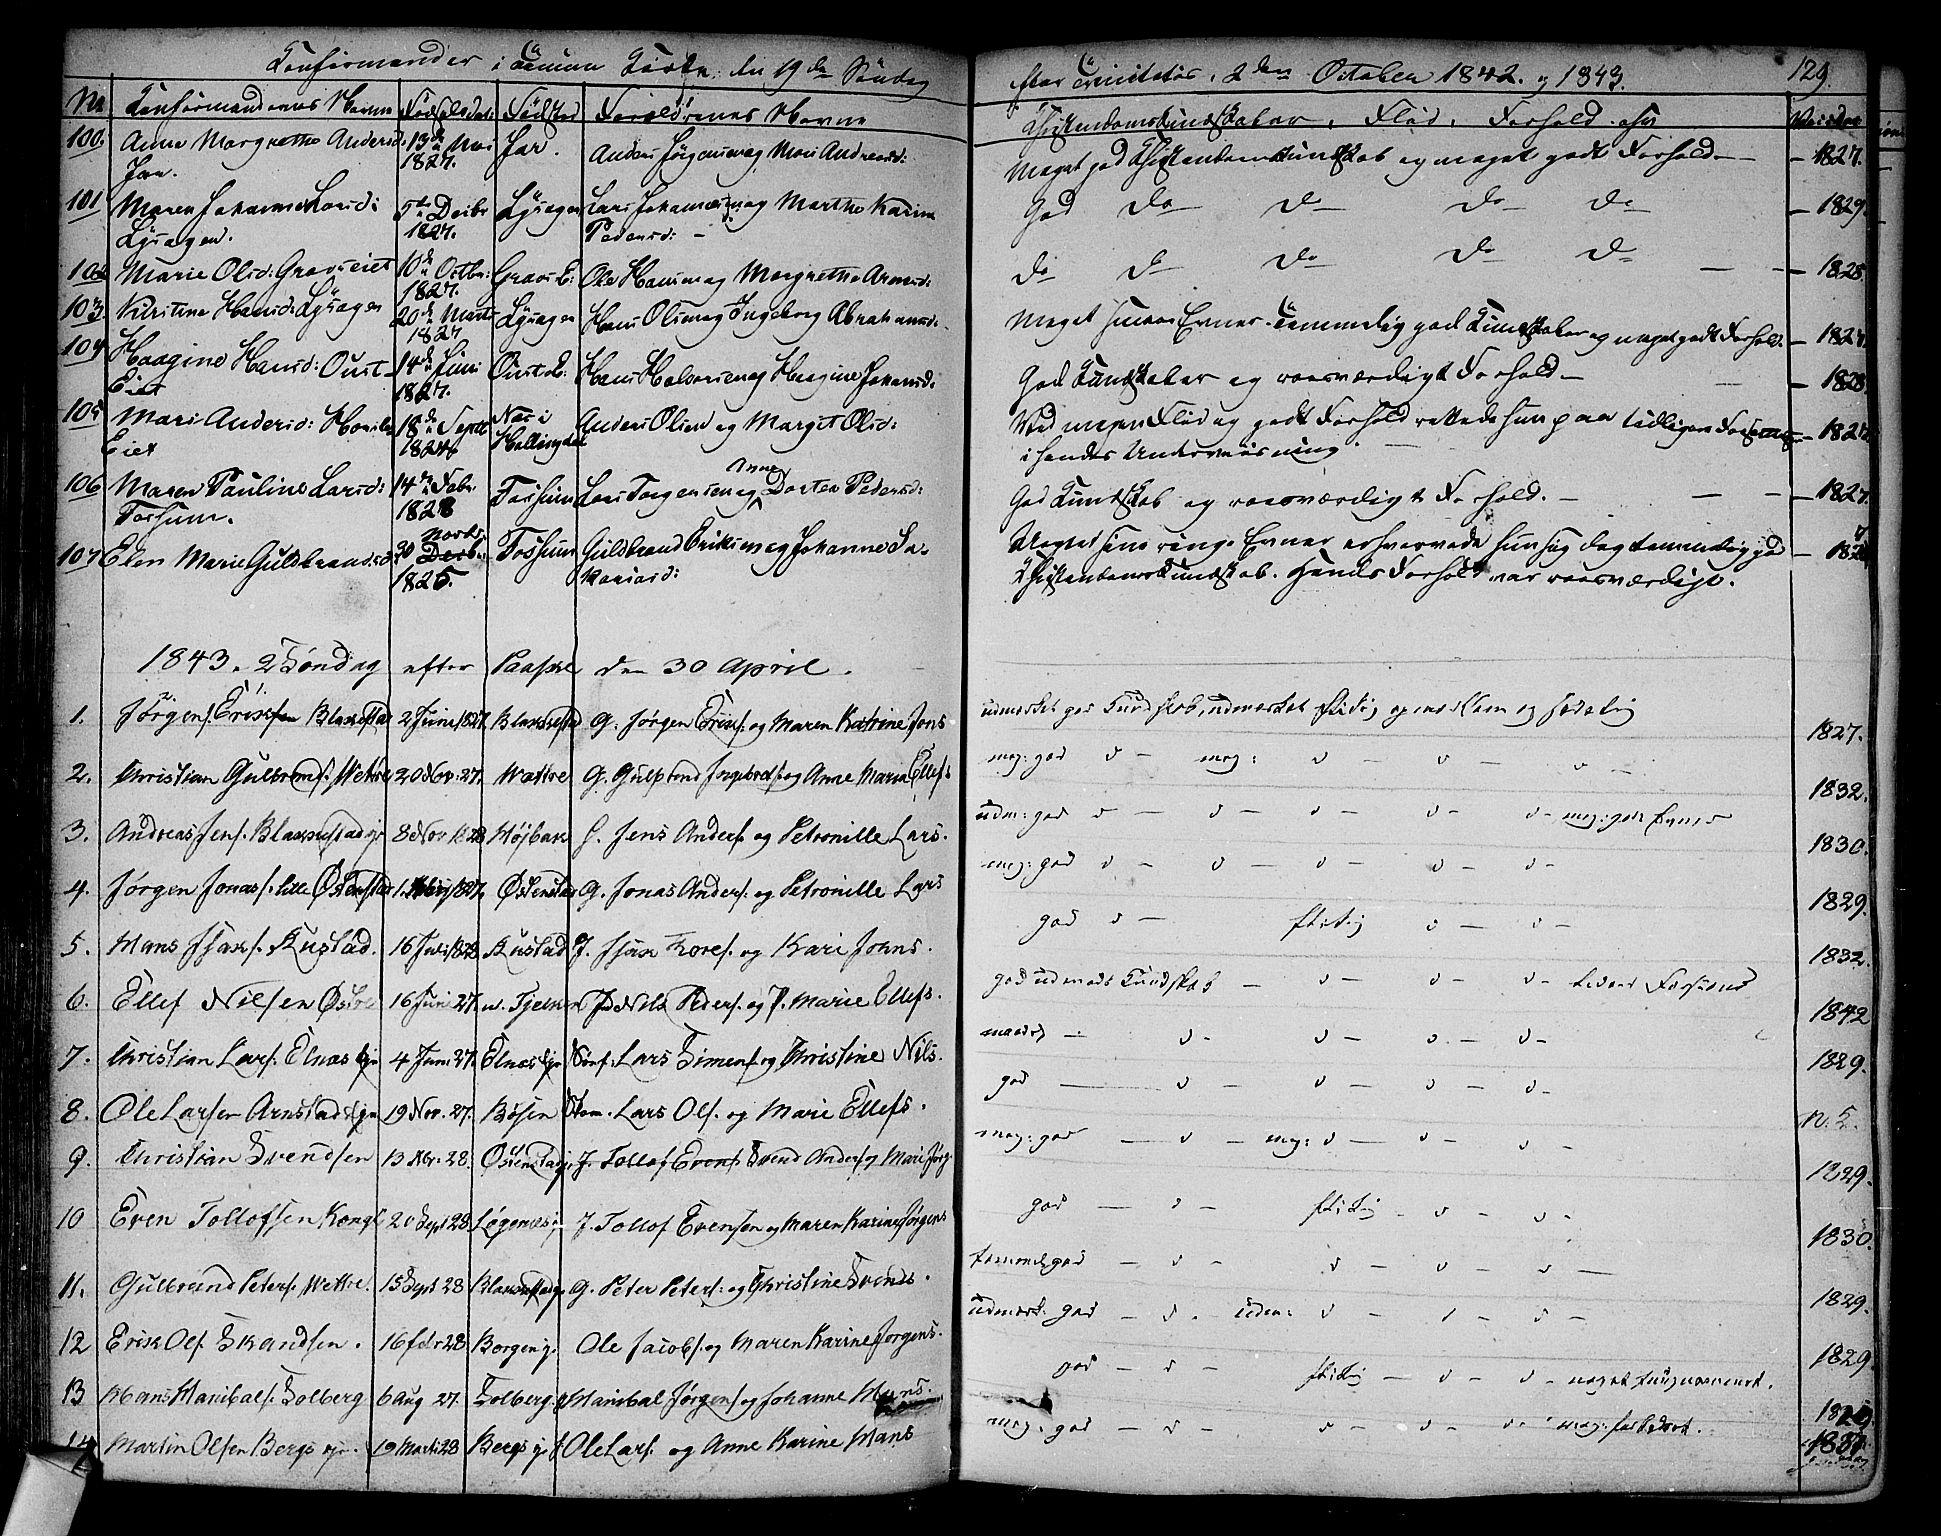 SAO, Asker prestekontor Kirkebøker, F/Fa/L0009: Ministerialbok nr. I 9, 1825-1878, s. 129